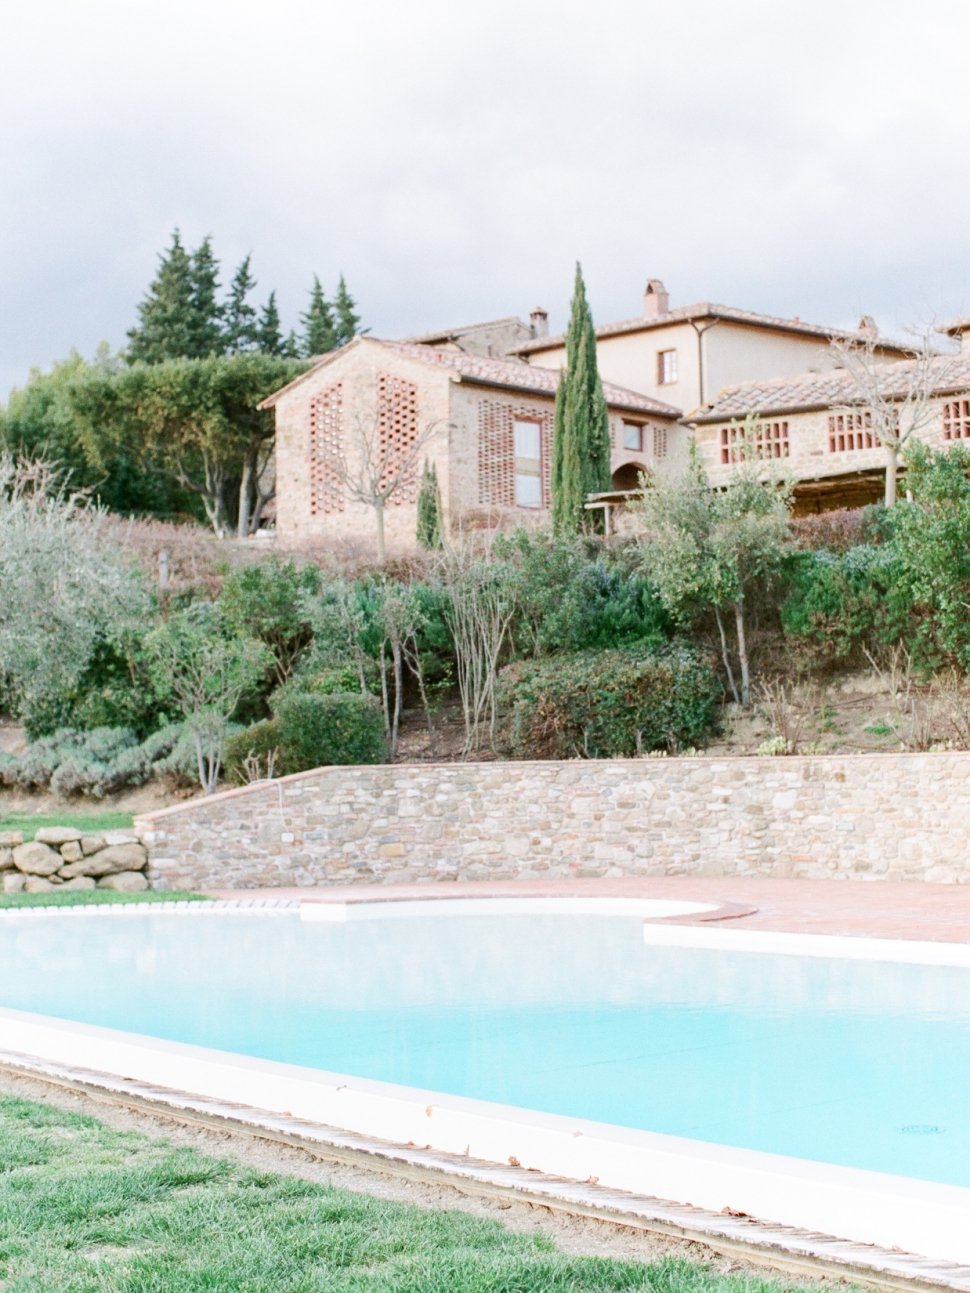 Tuscany-Destination-Wedding-Photographer-Cassi-Claire-Borgo-Petrognano-Florence-Wedding-02.jpg